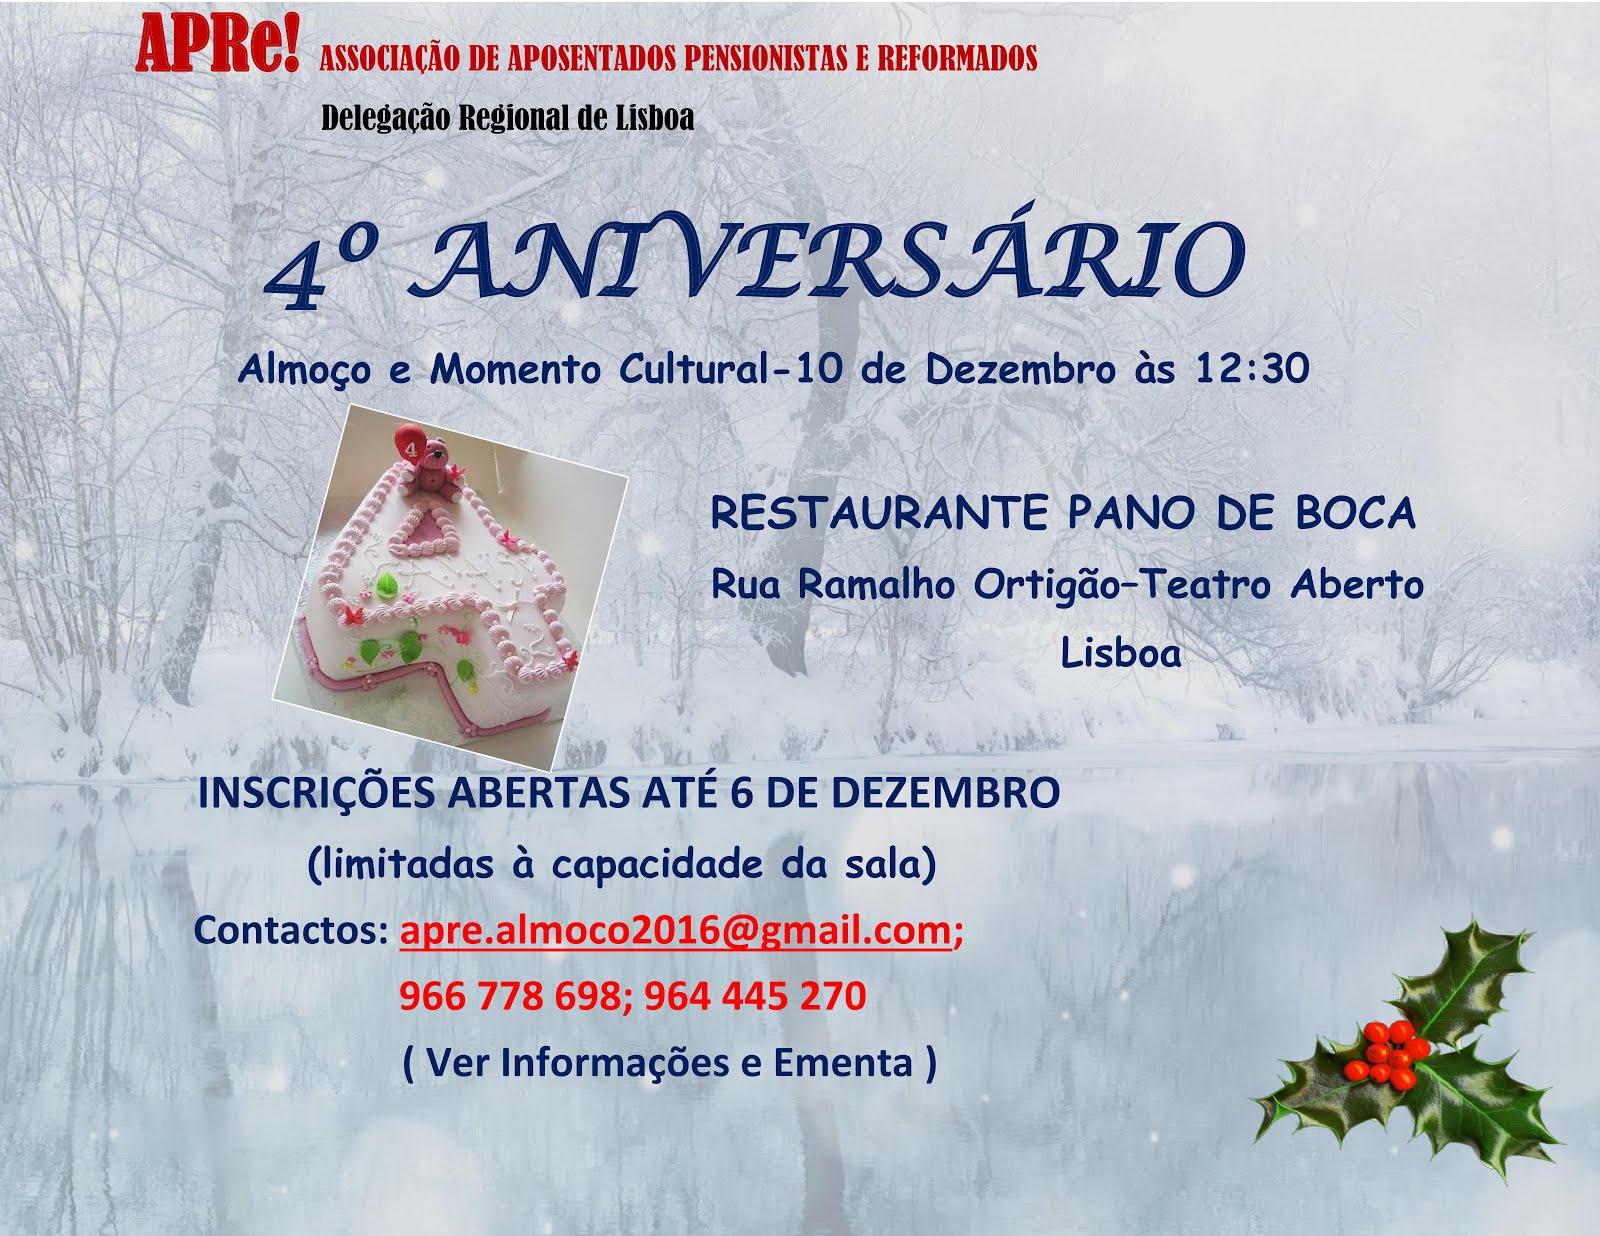 Delegação Regional de Lisboa, almoço comemorativo do 4º aniversário da APRe!